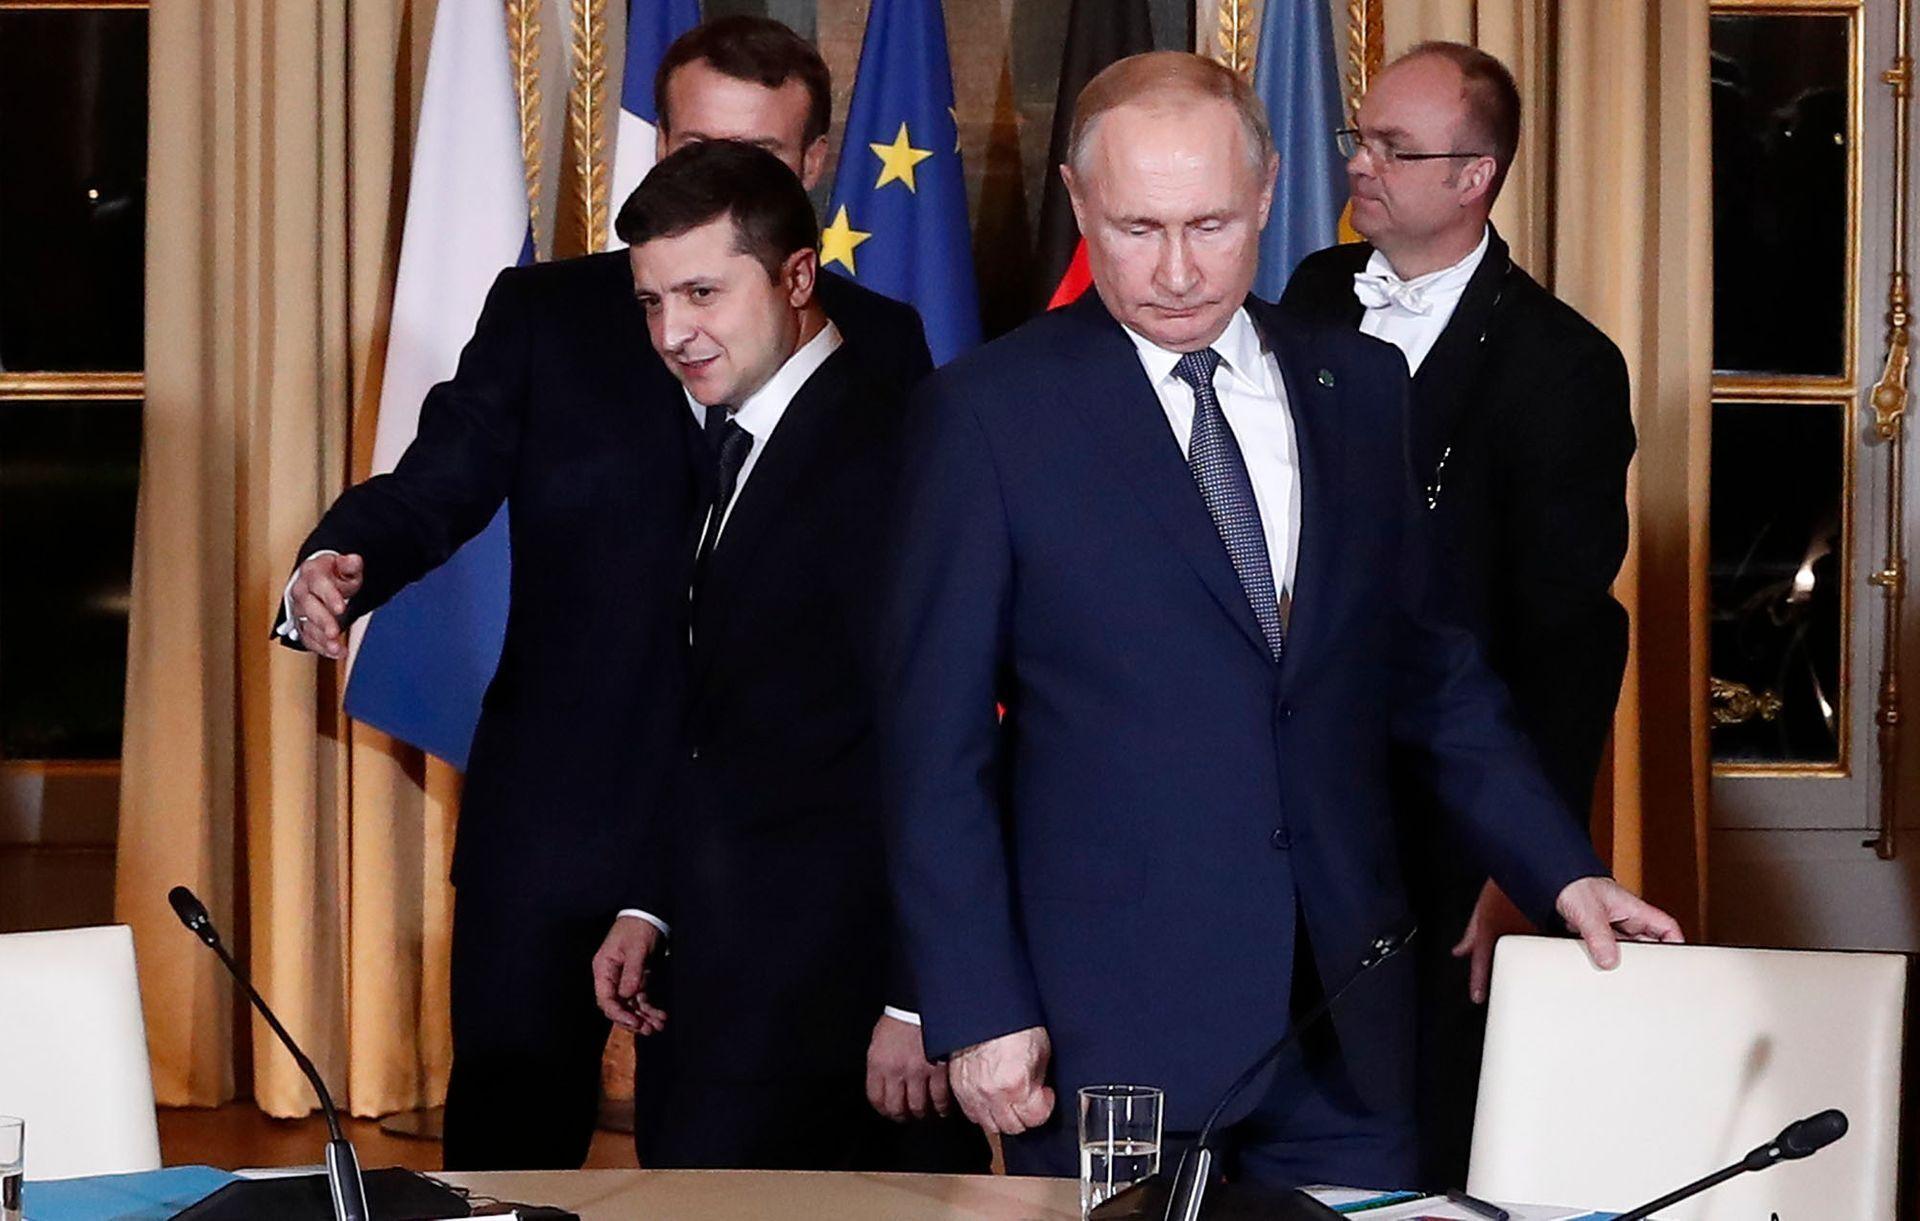 Последний саммит в Нормандской формате на уровне глав государств состоялся в декабре 2019 года